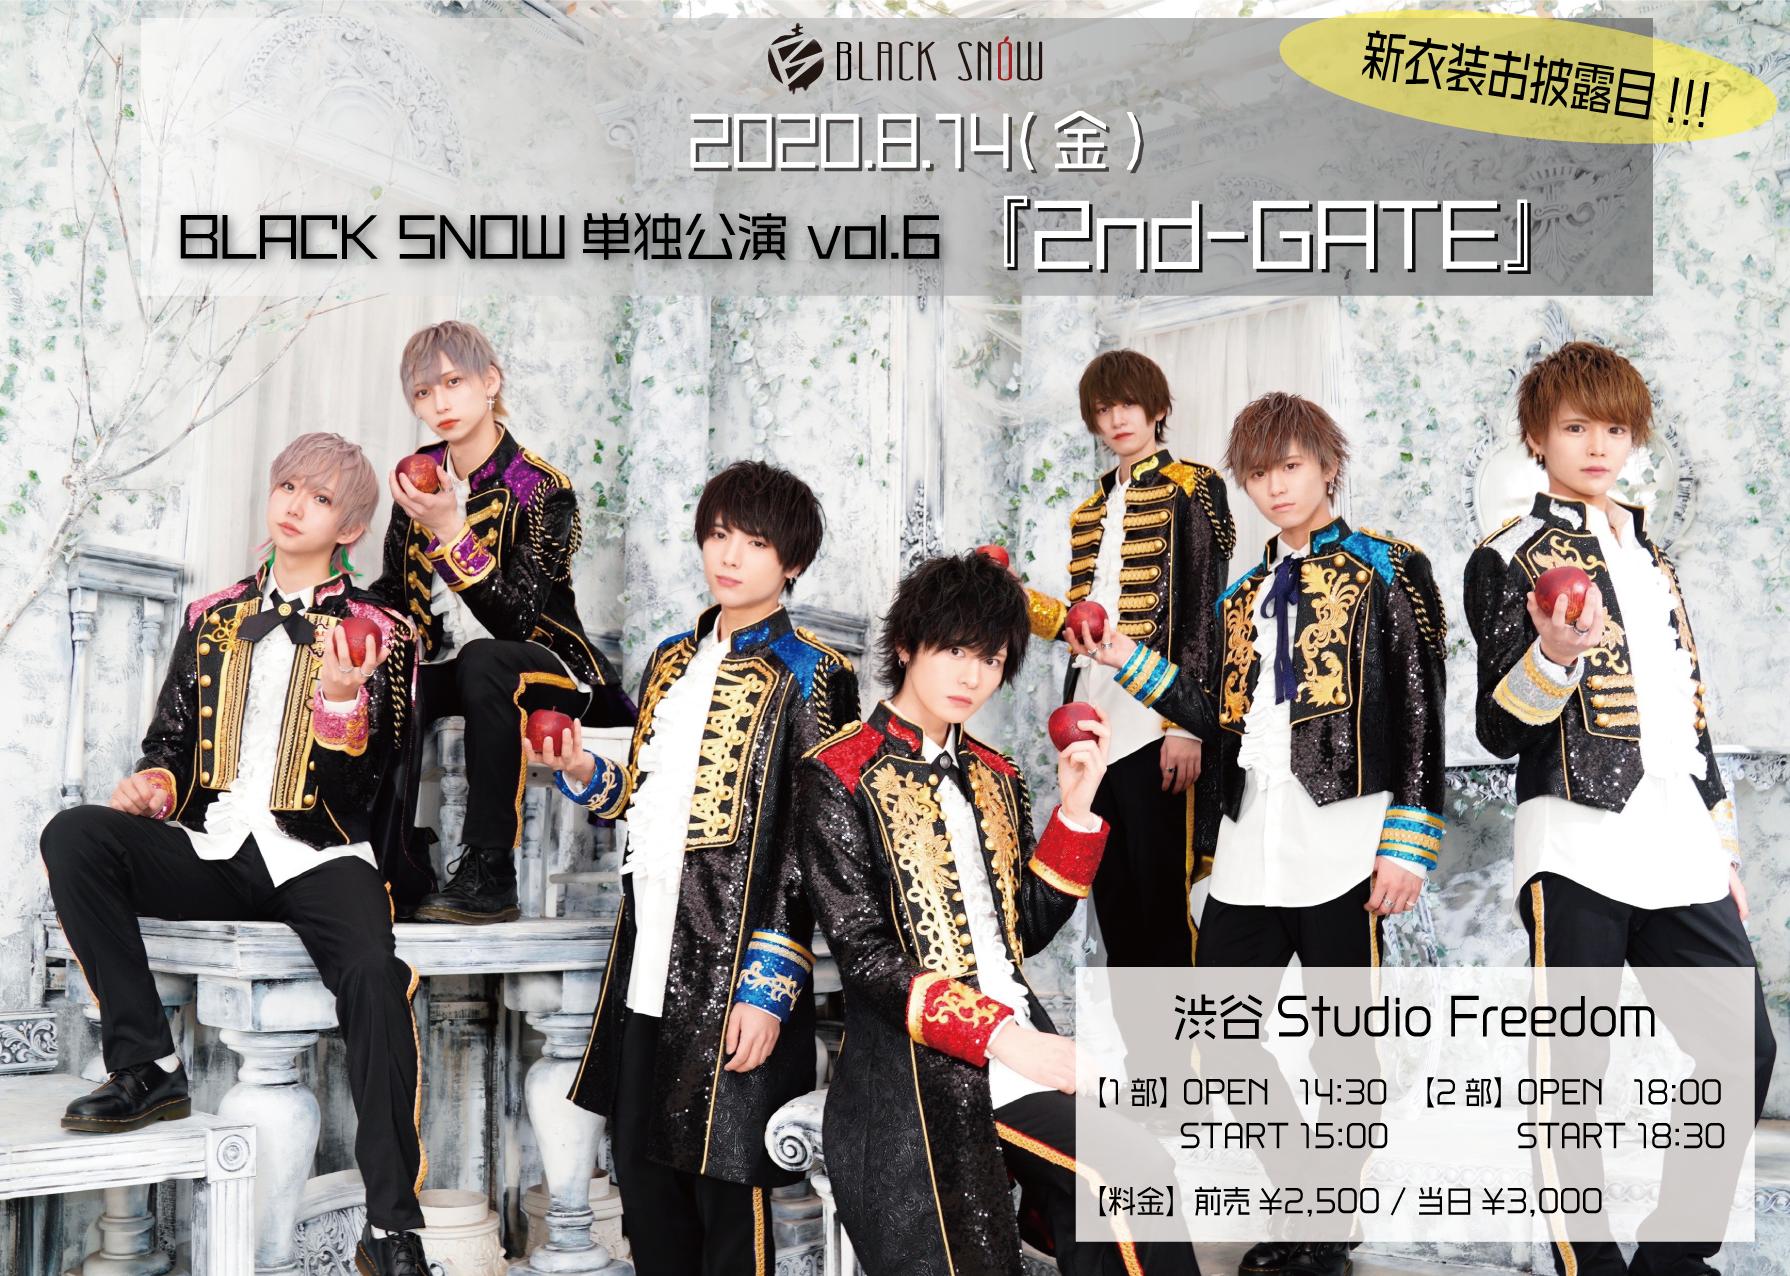 BLACK SNOW単独公演vol.6『2nd-GATE』【1部】